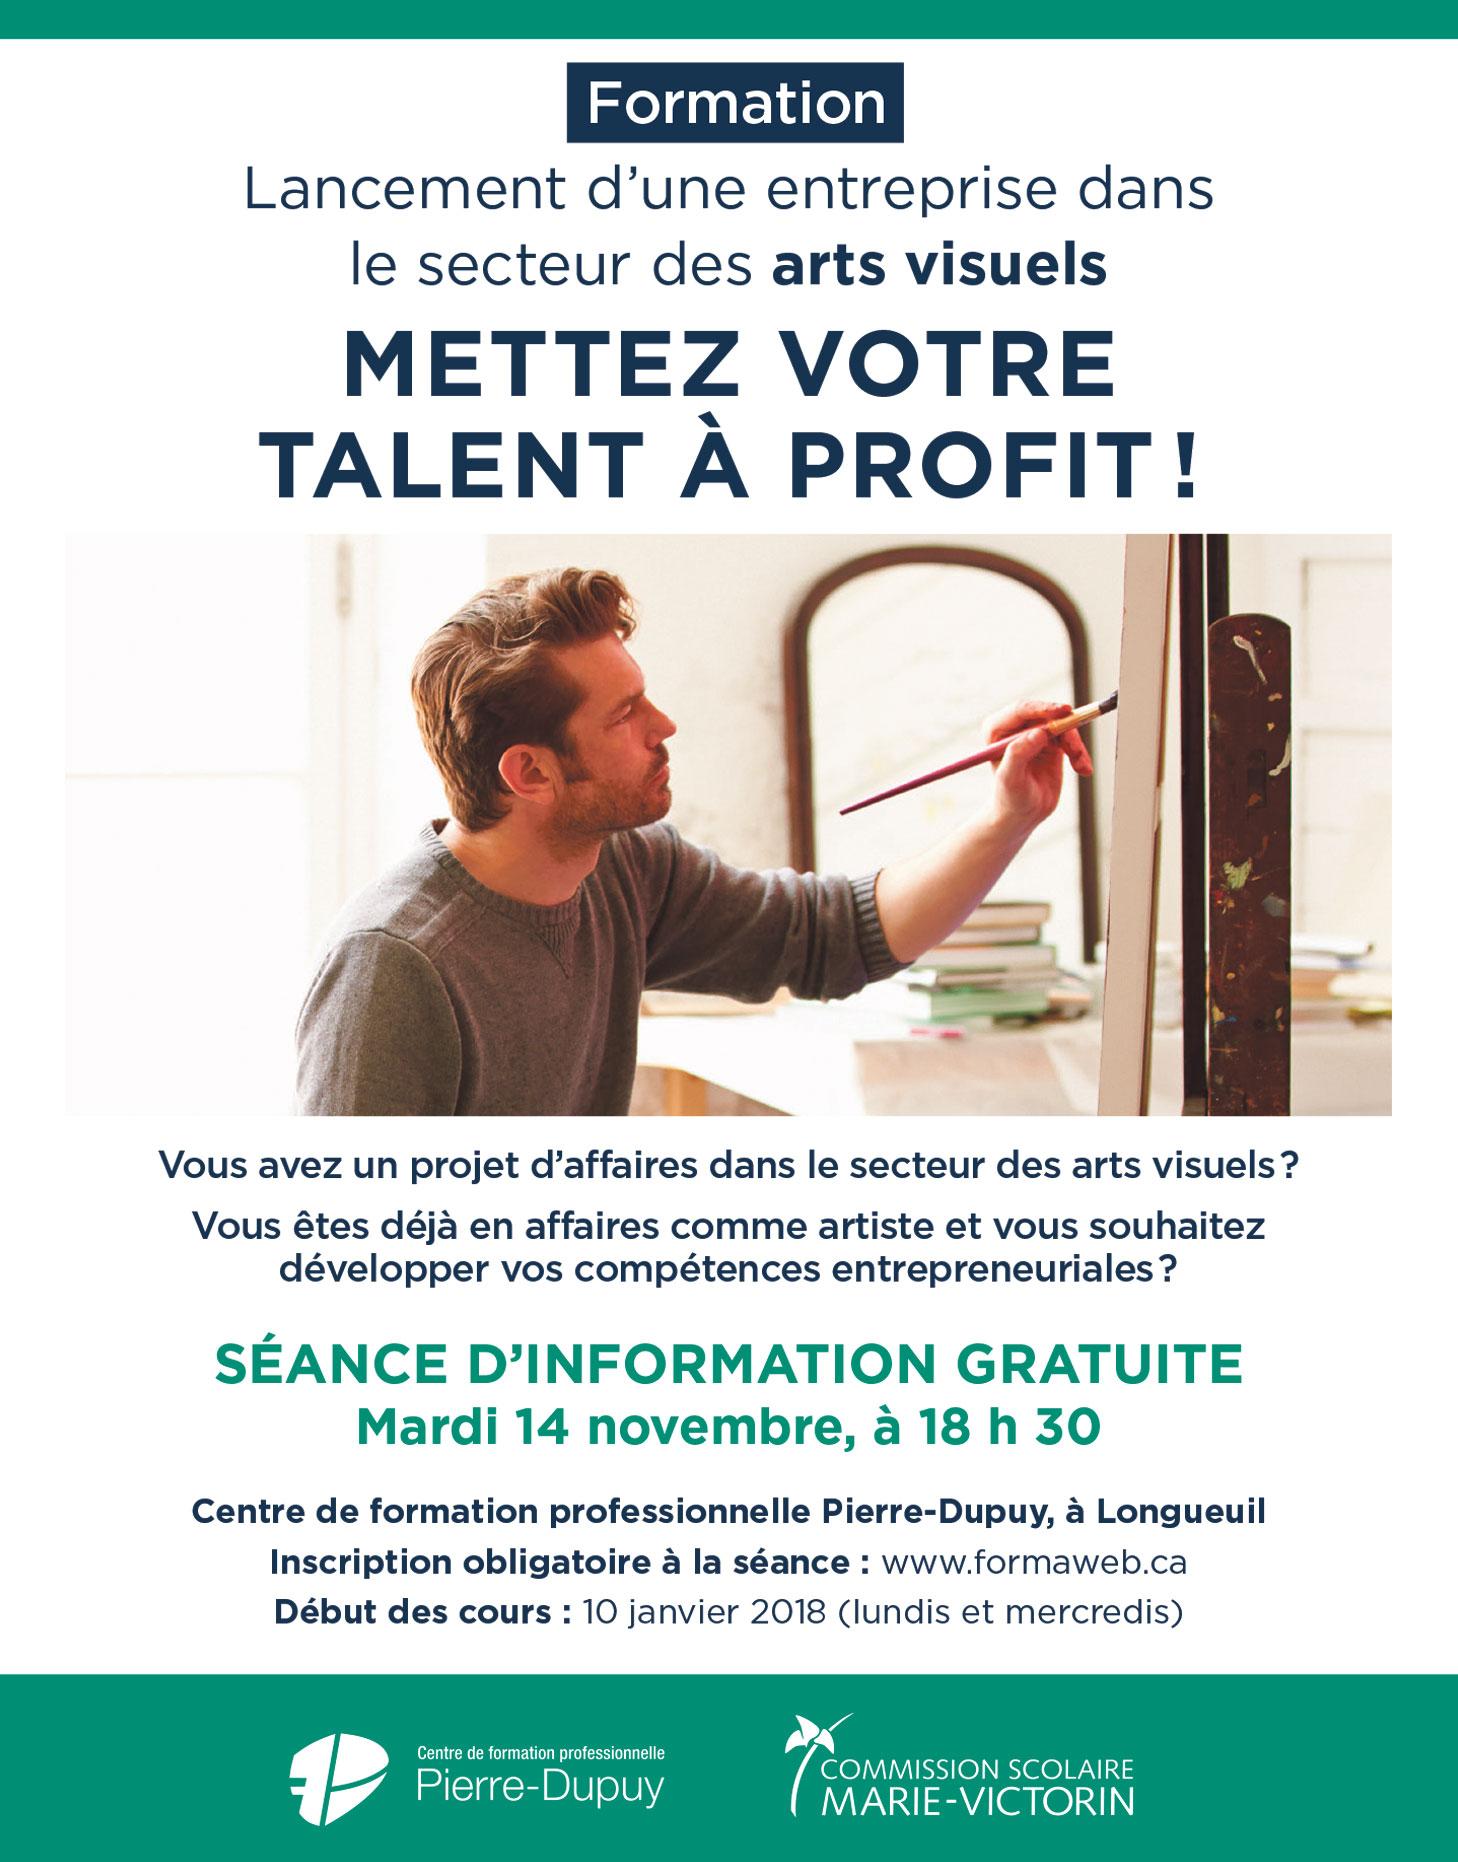 Lancement d'une entreprise dans le secteur des arts visuels